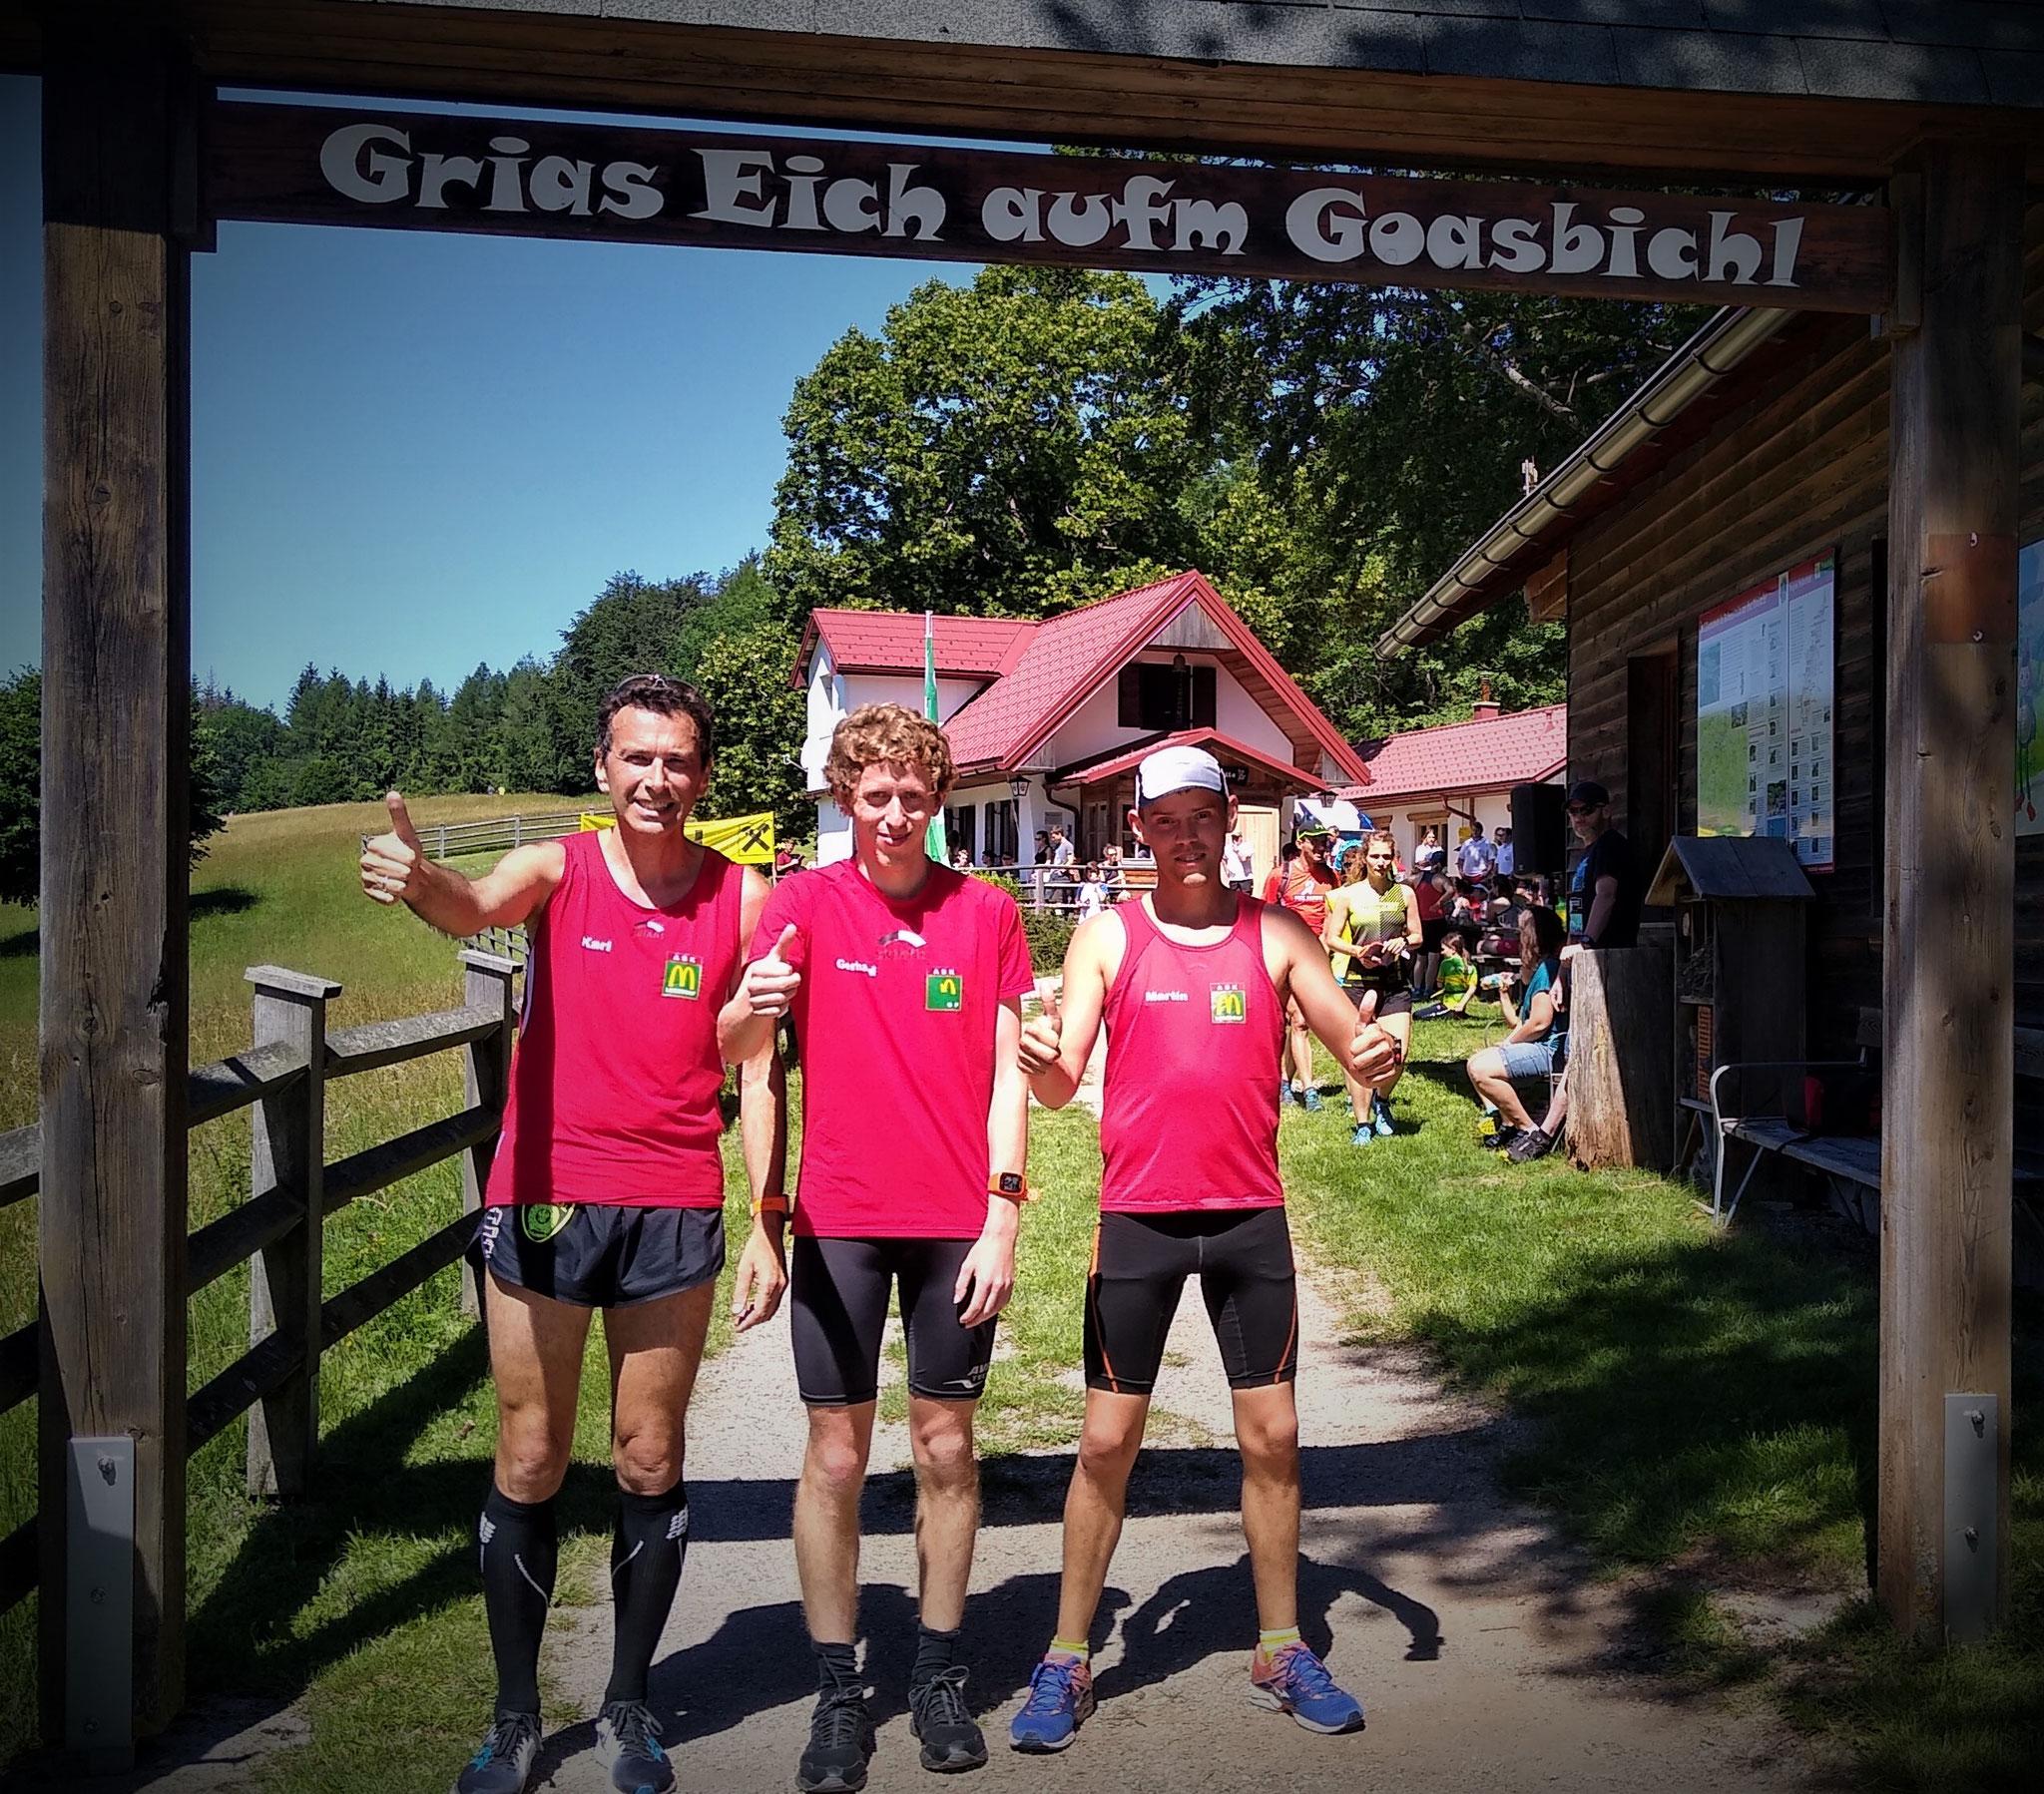 Tolles Wetter und Tagessieg! Gratulation Gerhard & Team!!